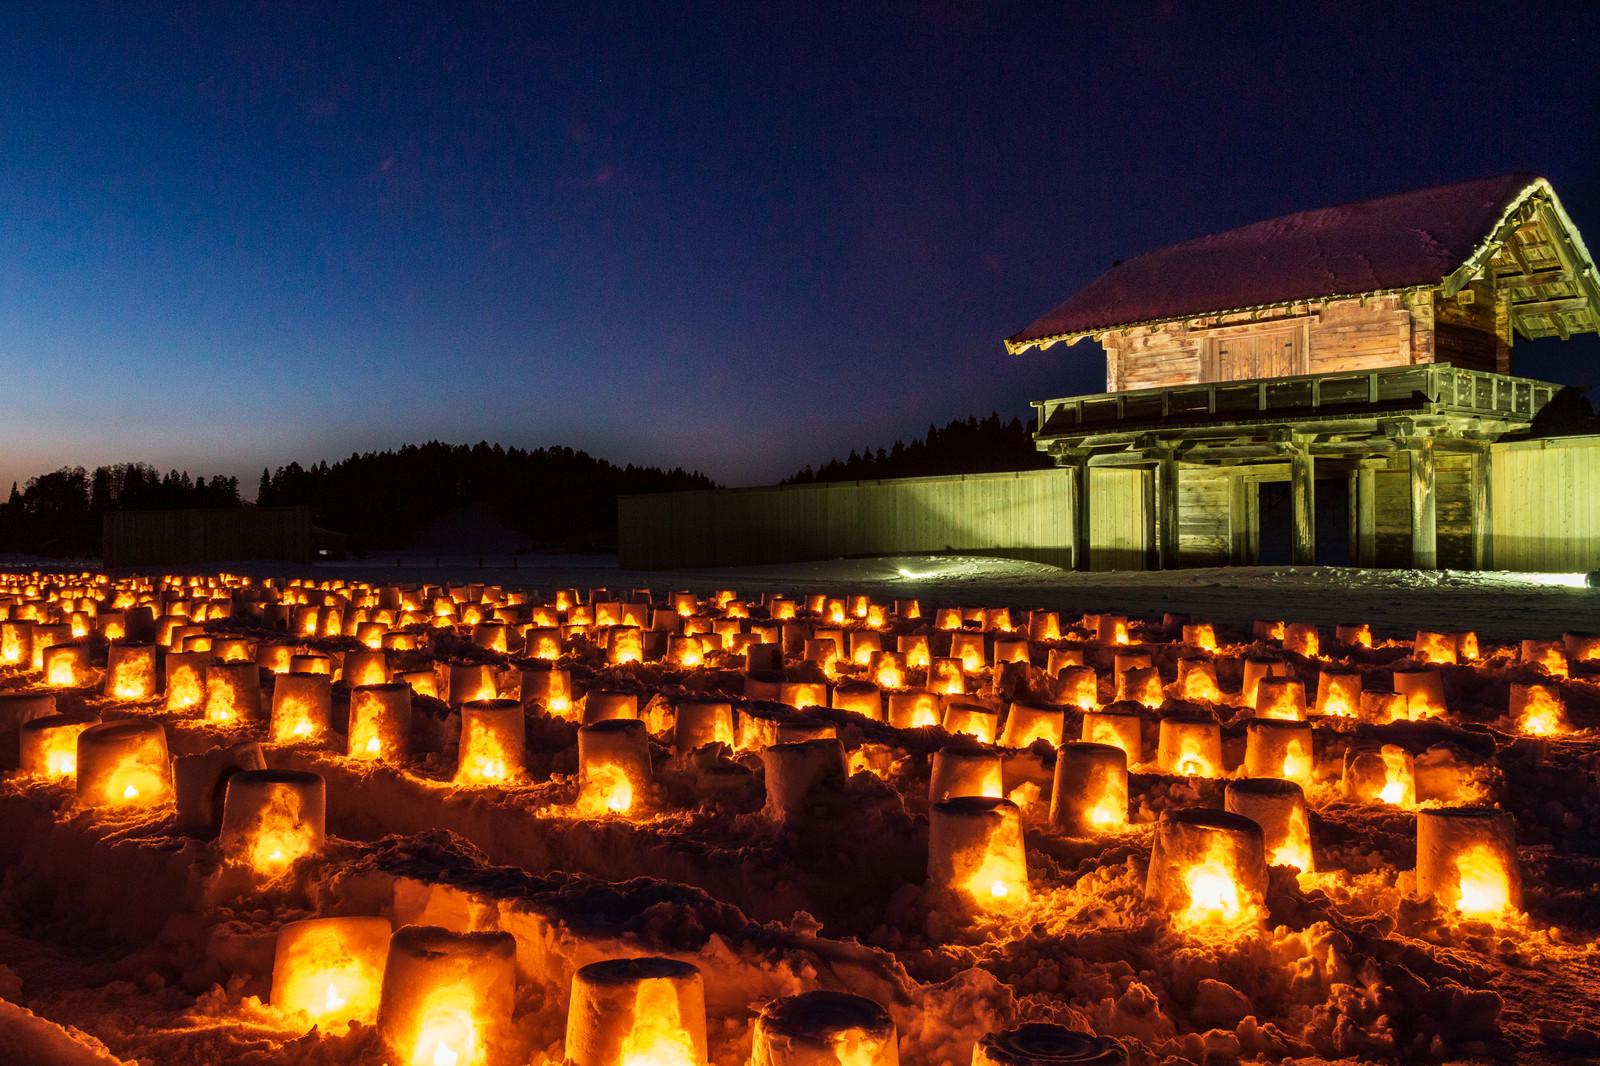 「払田柵の冬祭り(秋田県大仙市)」の写真